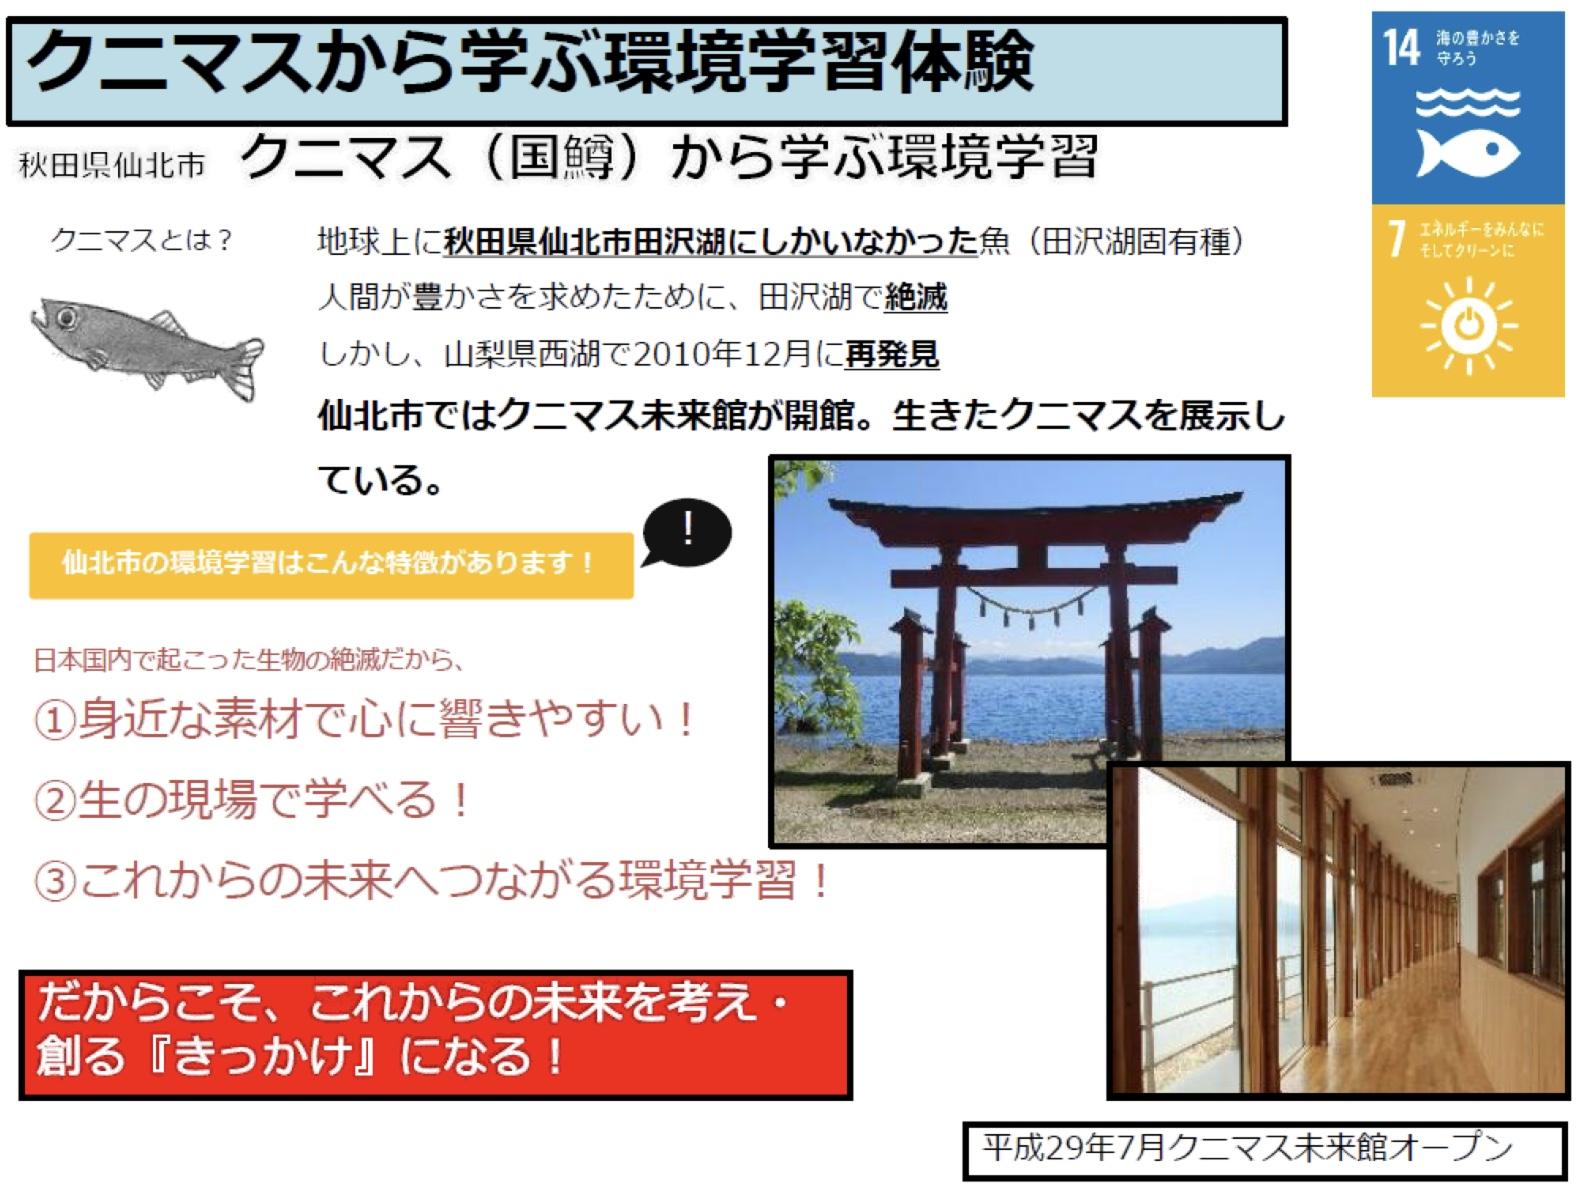 クニマスから環境学べる クニマス未来館(秋田)